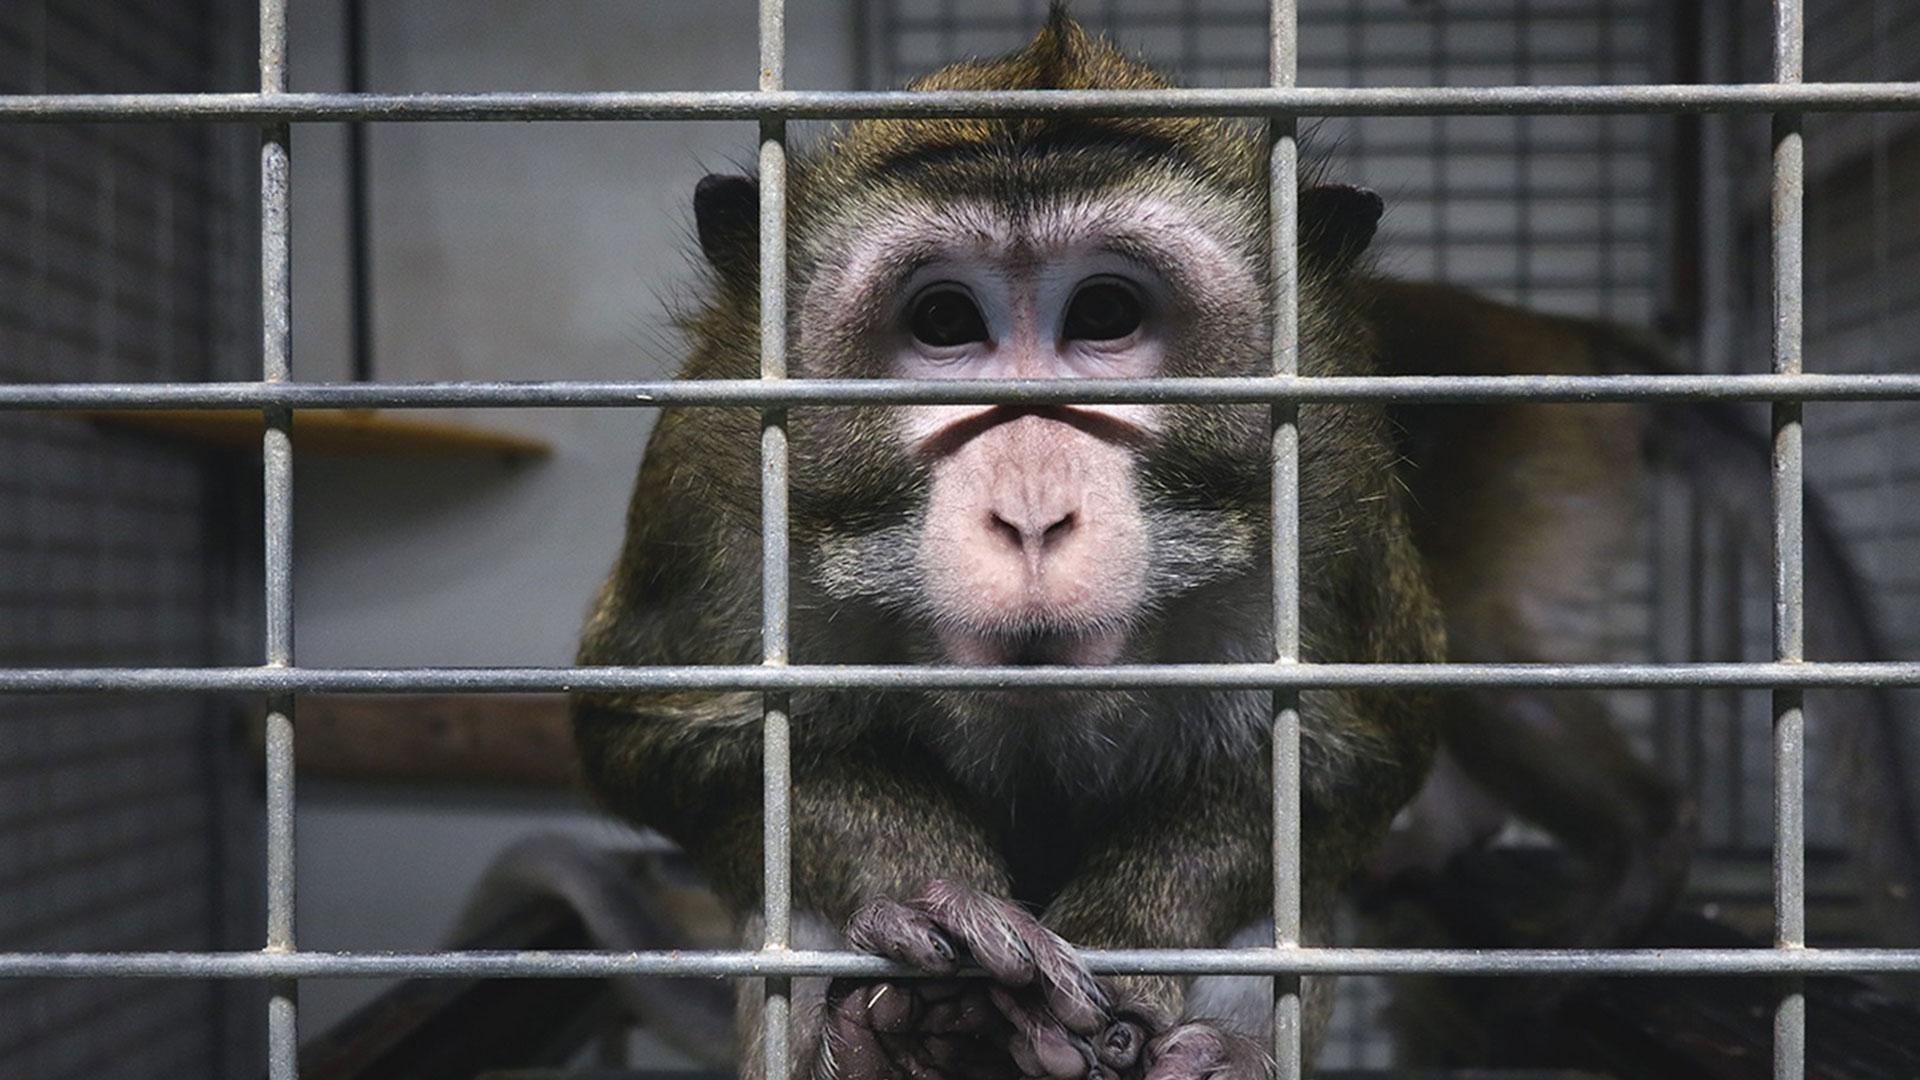 Un macaco rinchiuso in uno stabulario dove si pratica vivisezioneUn macaco rinchiuso in uno stabulario dove si pratica vivisezione